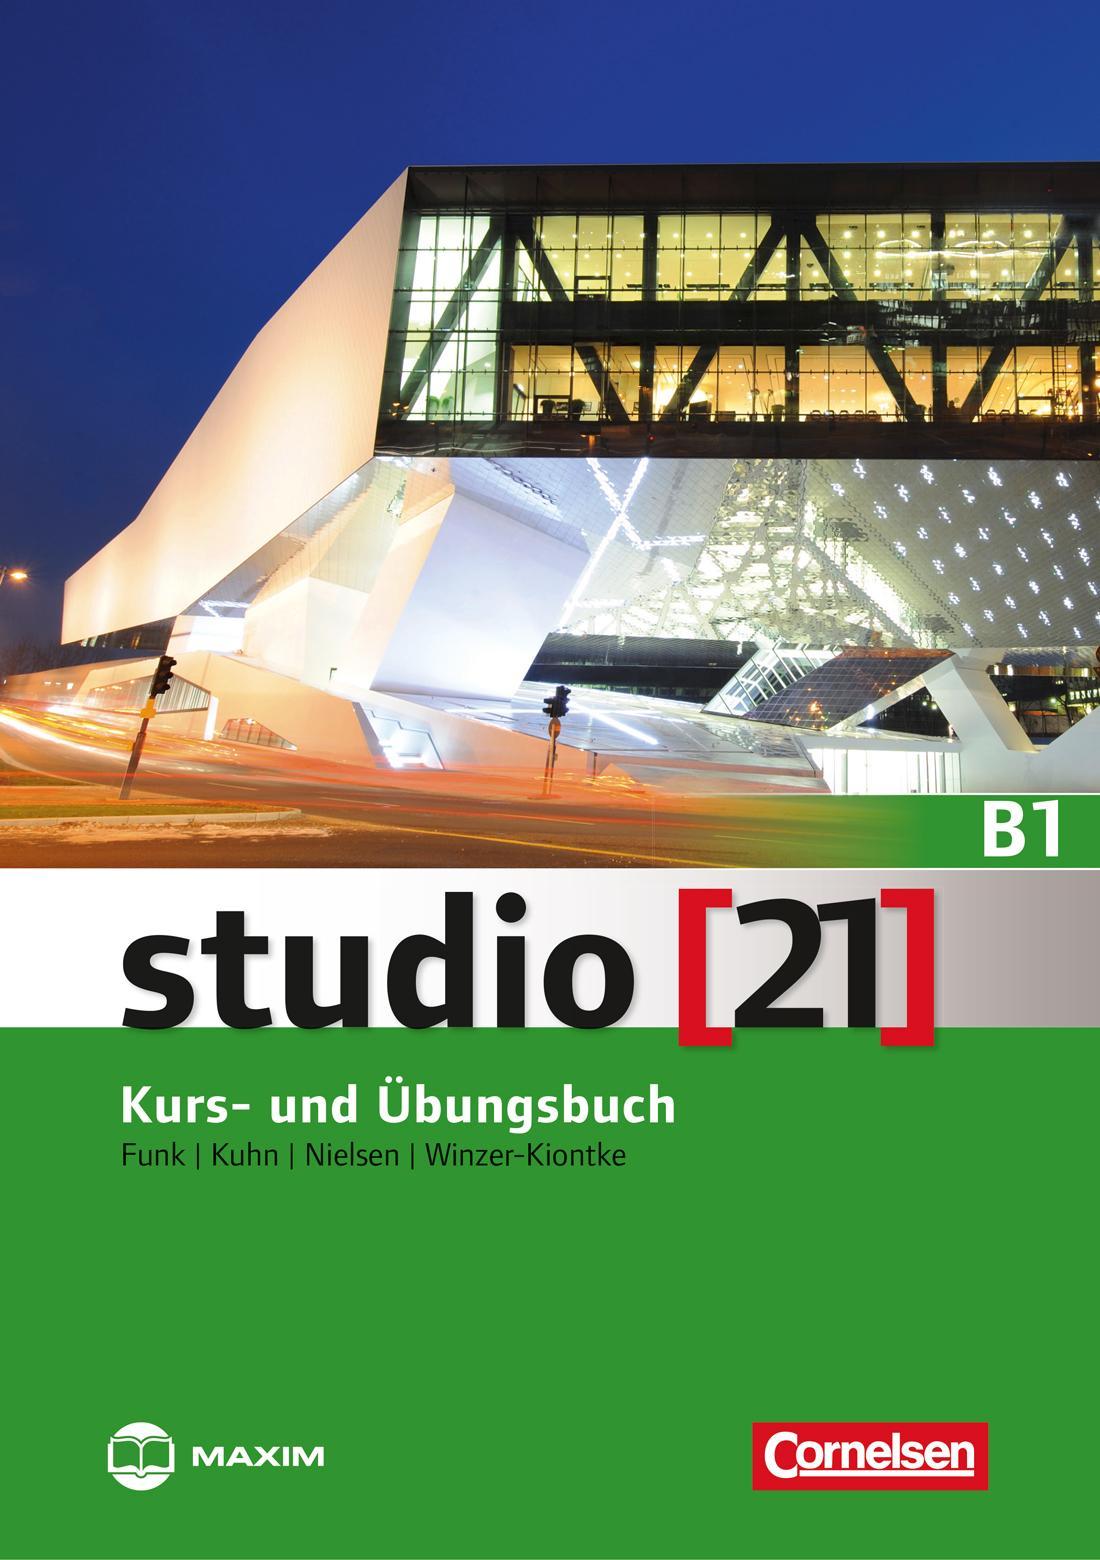 STUDIO (21) B1 KURS- UND ÜBUNGSBUCH + DVD